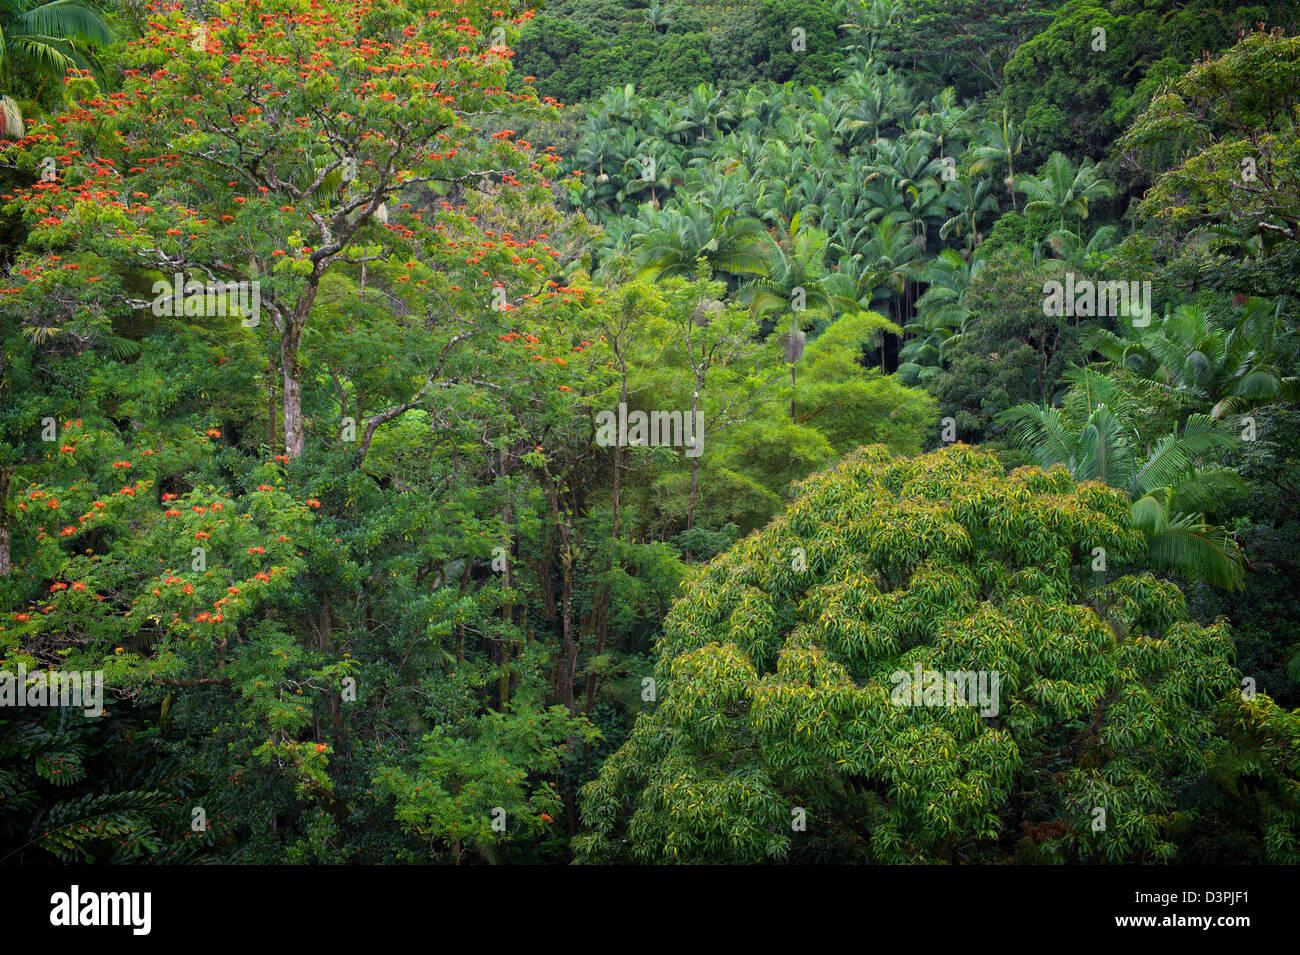 Rainforest With African Tulip Tree In Bloom Hanaunau Coast Hawaii